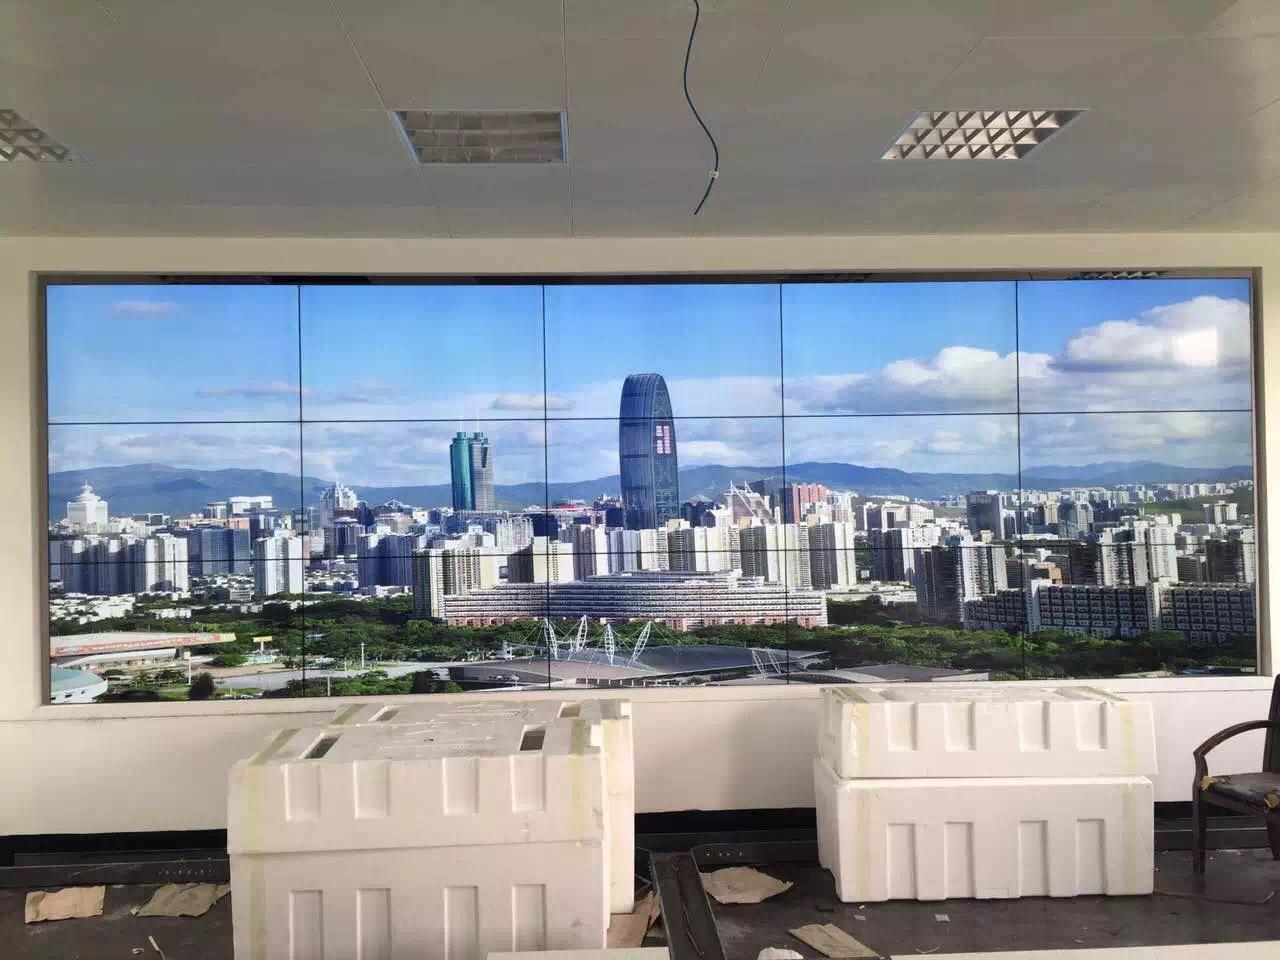 贵州遵义某部队监控中心3x6项目